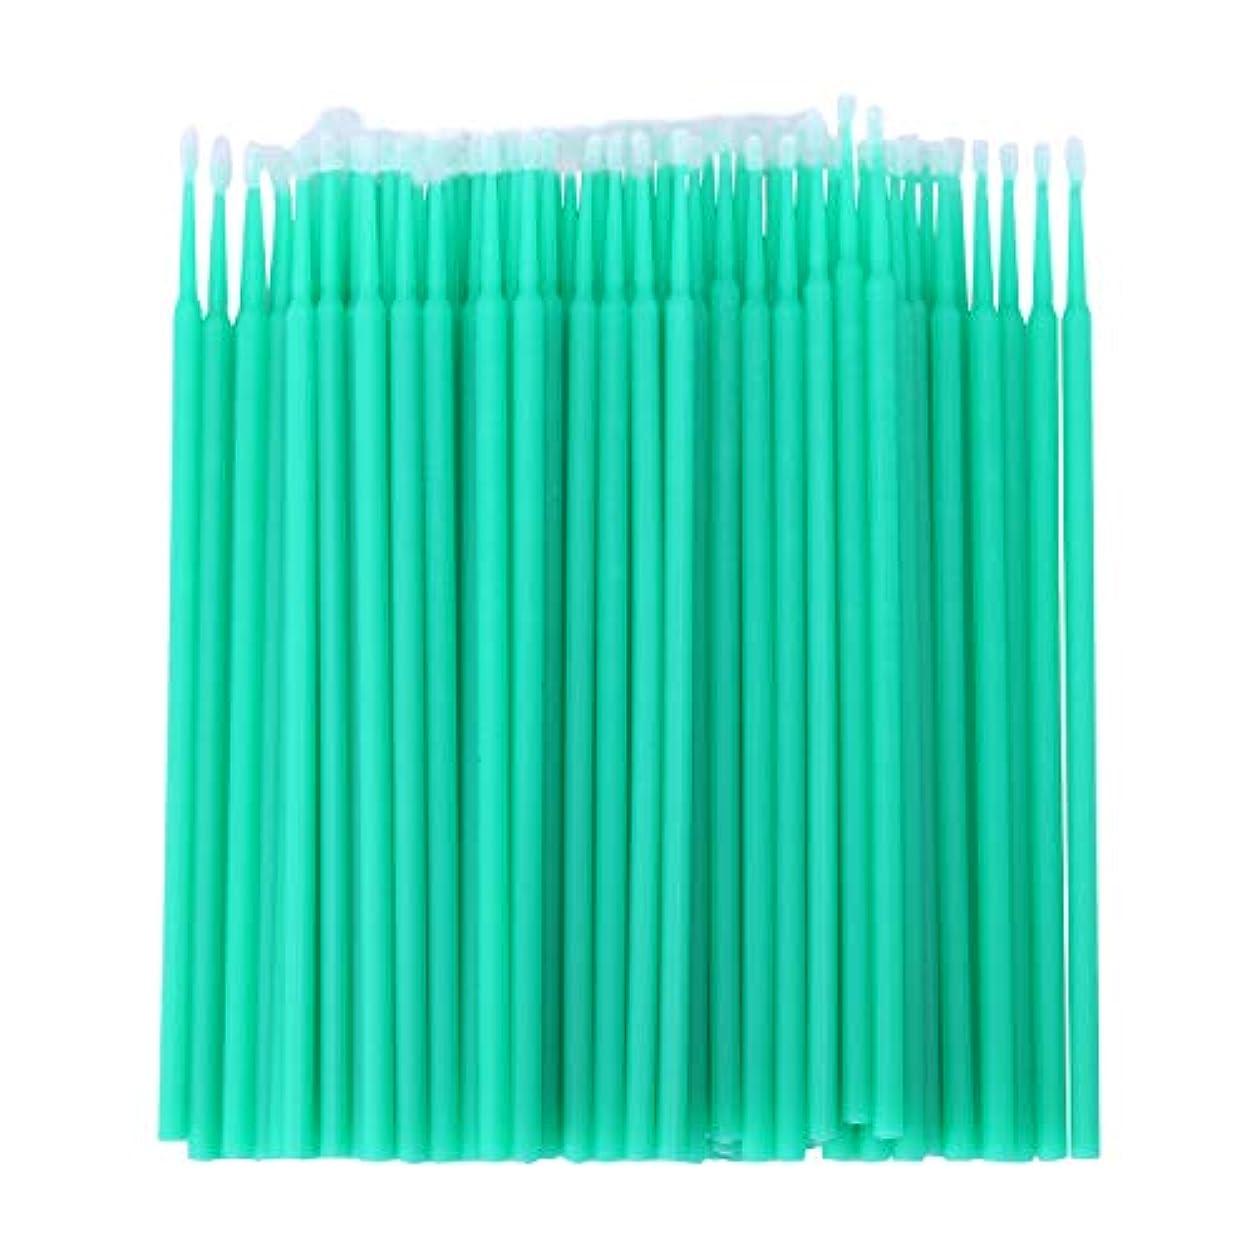 懐疑的ショットオーバードローWOVELOT 100個 歯科用マイクロブラシ 使い捨て材料 歯用アプリケーター ミディアムファイン(ライトグリーン)